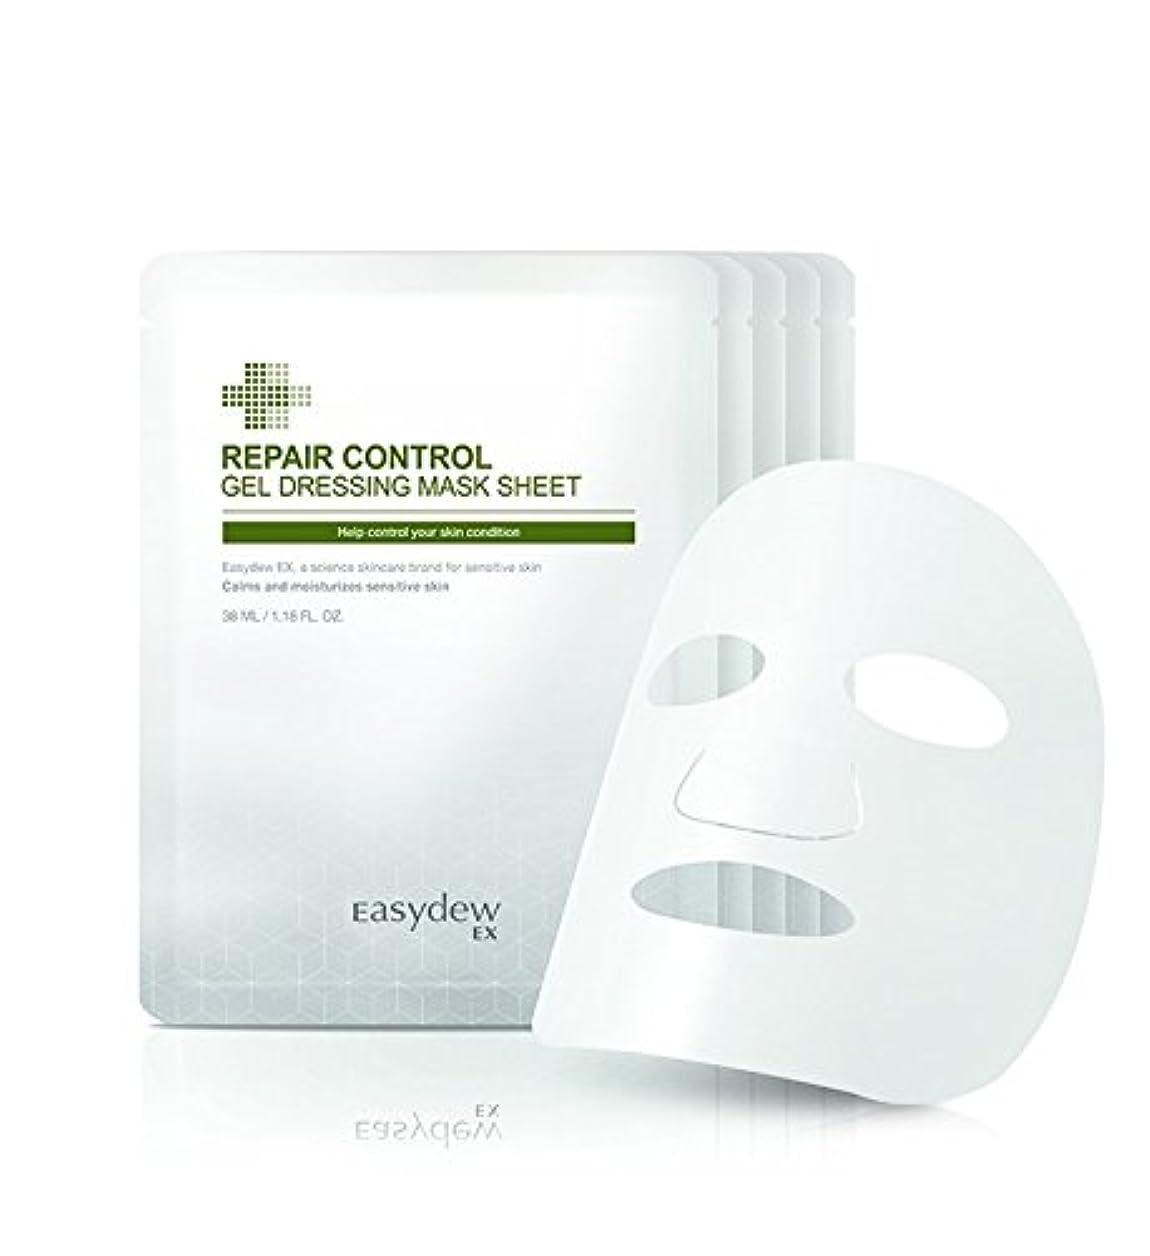 浮浪者ほうきにぎやかデウン製薬 リペア コントロール ゲルドレッシング マスクシートー38ml X 5枚セット. Repair Control Gel Dressing Mask Sheet 38ml X 5P set.